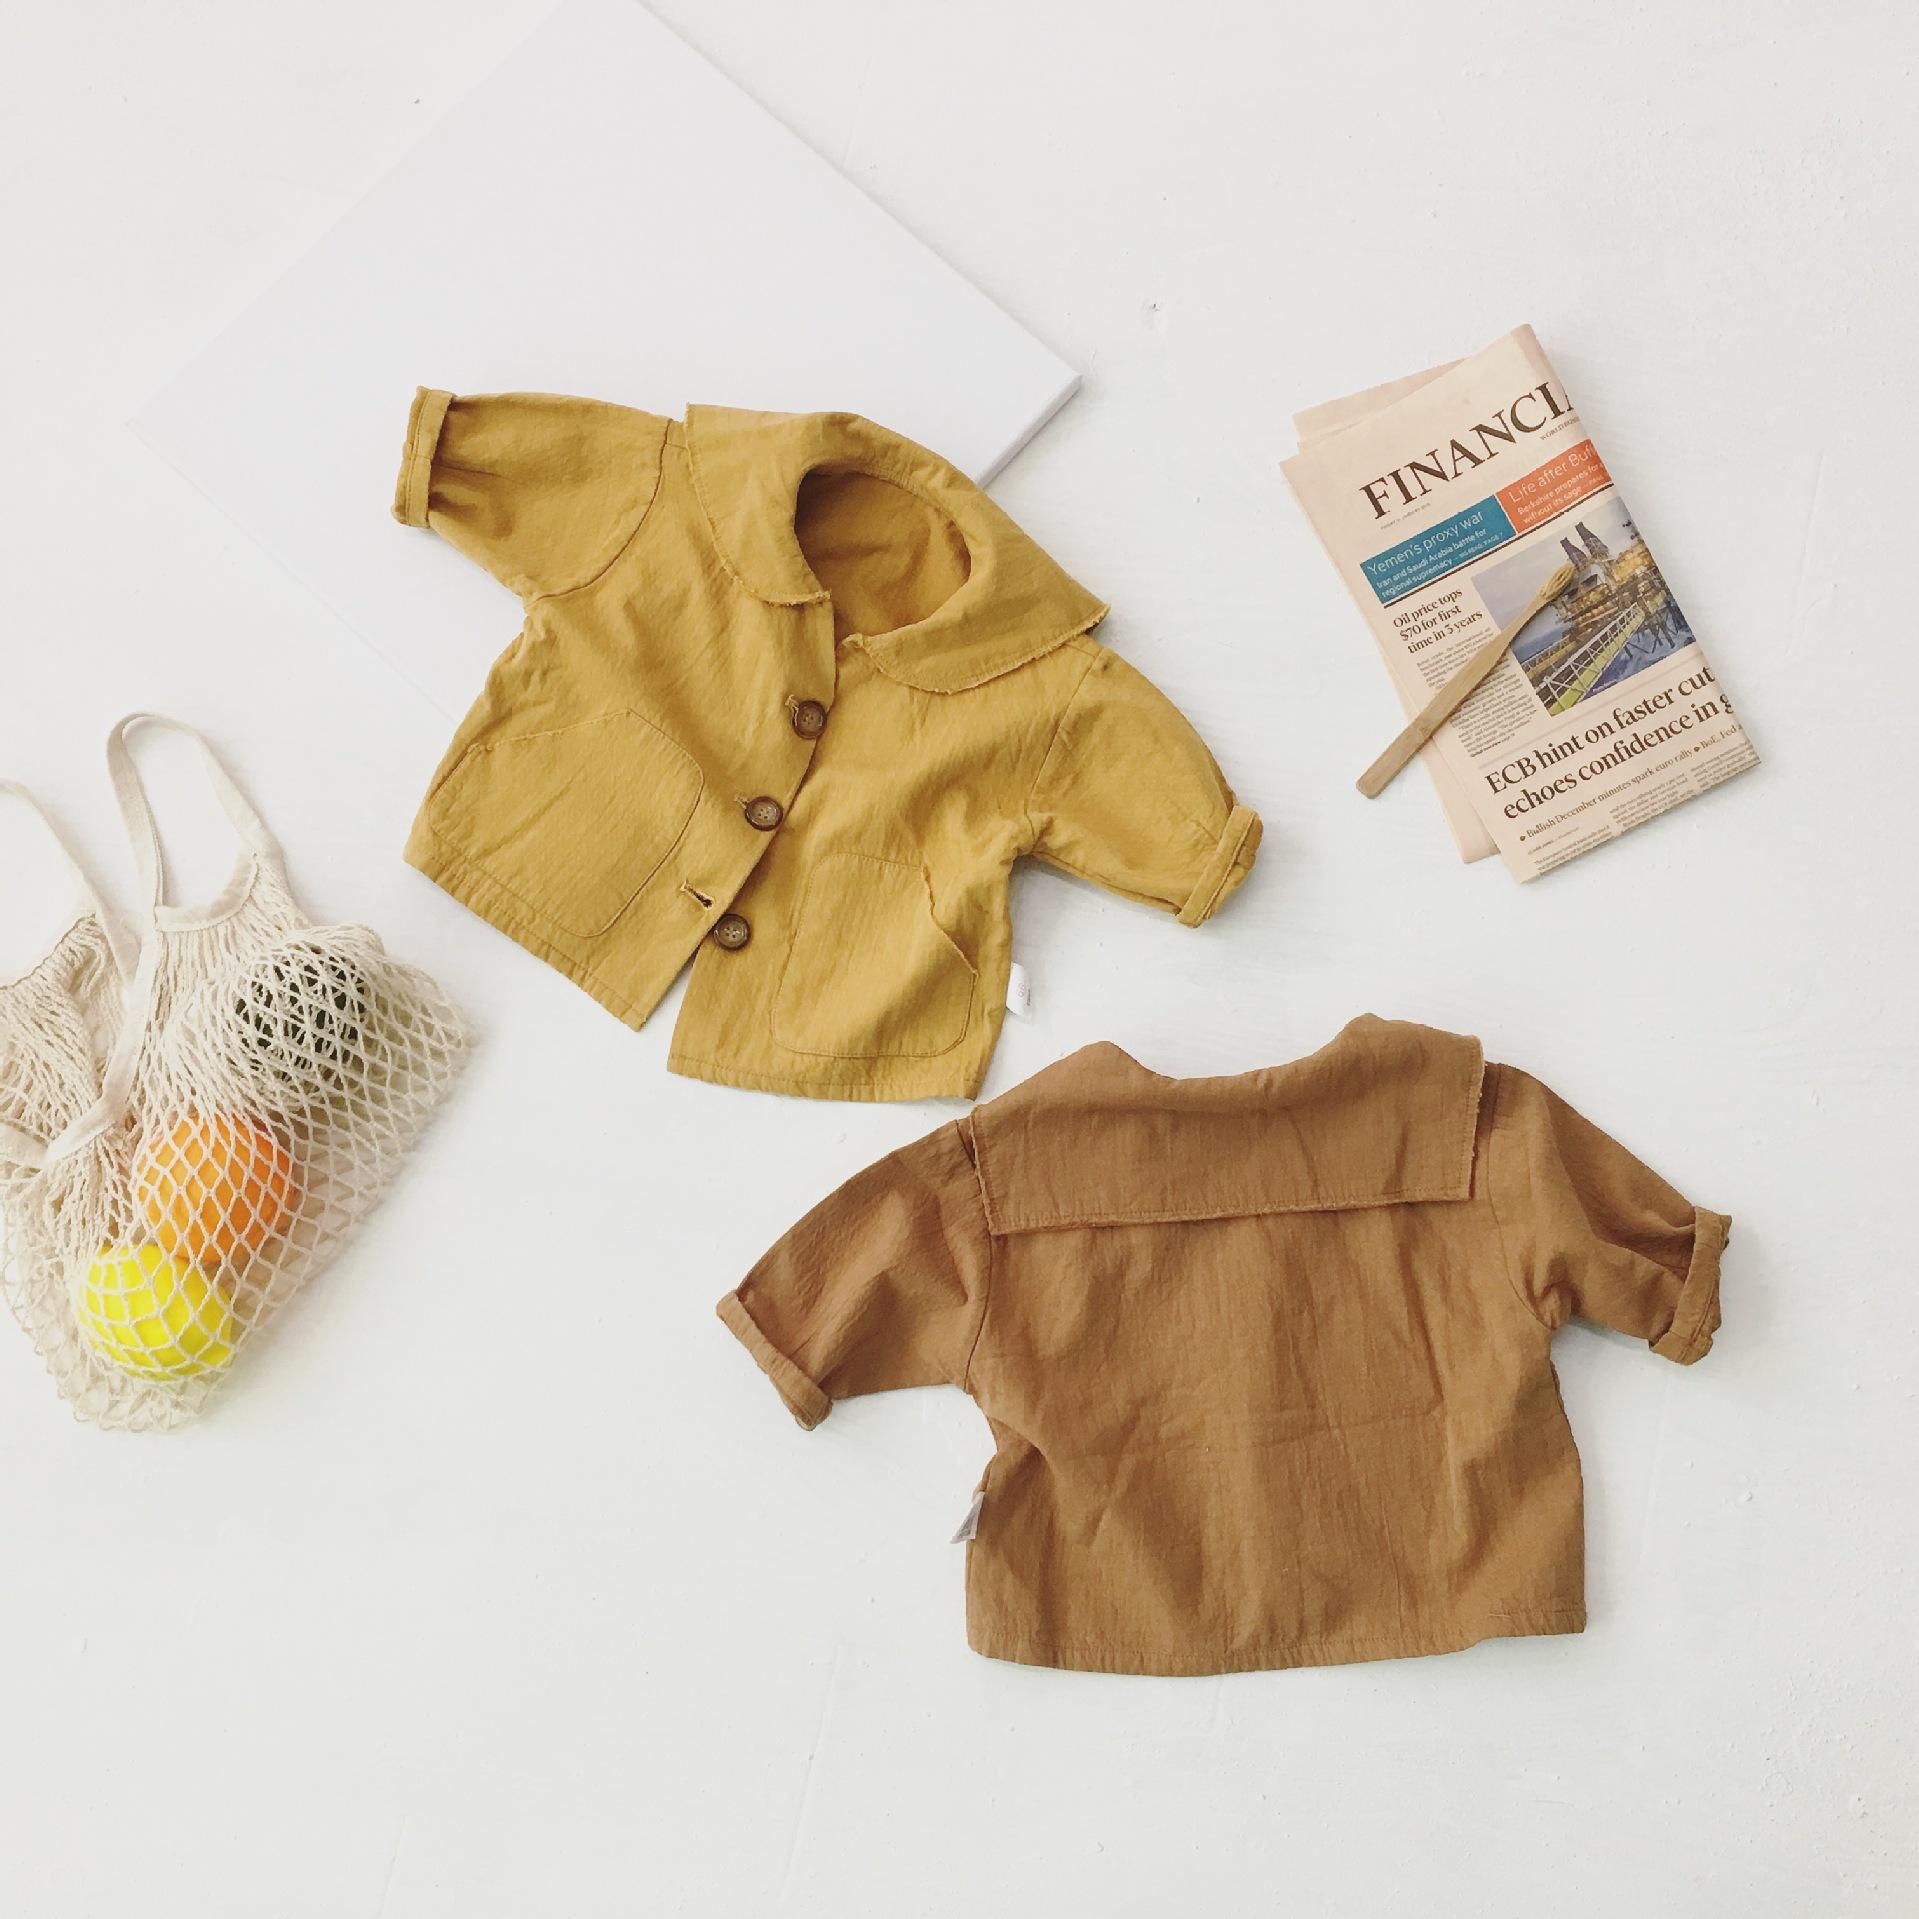 Q2-Baby Áo khoác trẻ em Mùa xuân 2019 phiên bản Hàn Quốc mới của bé trai retro ve áo đơn áo ngực trẻ